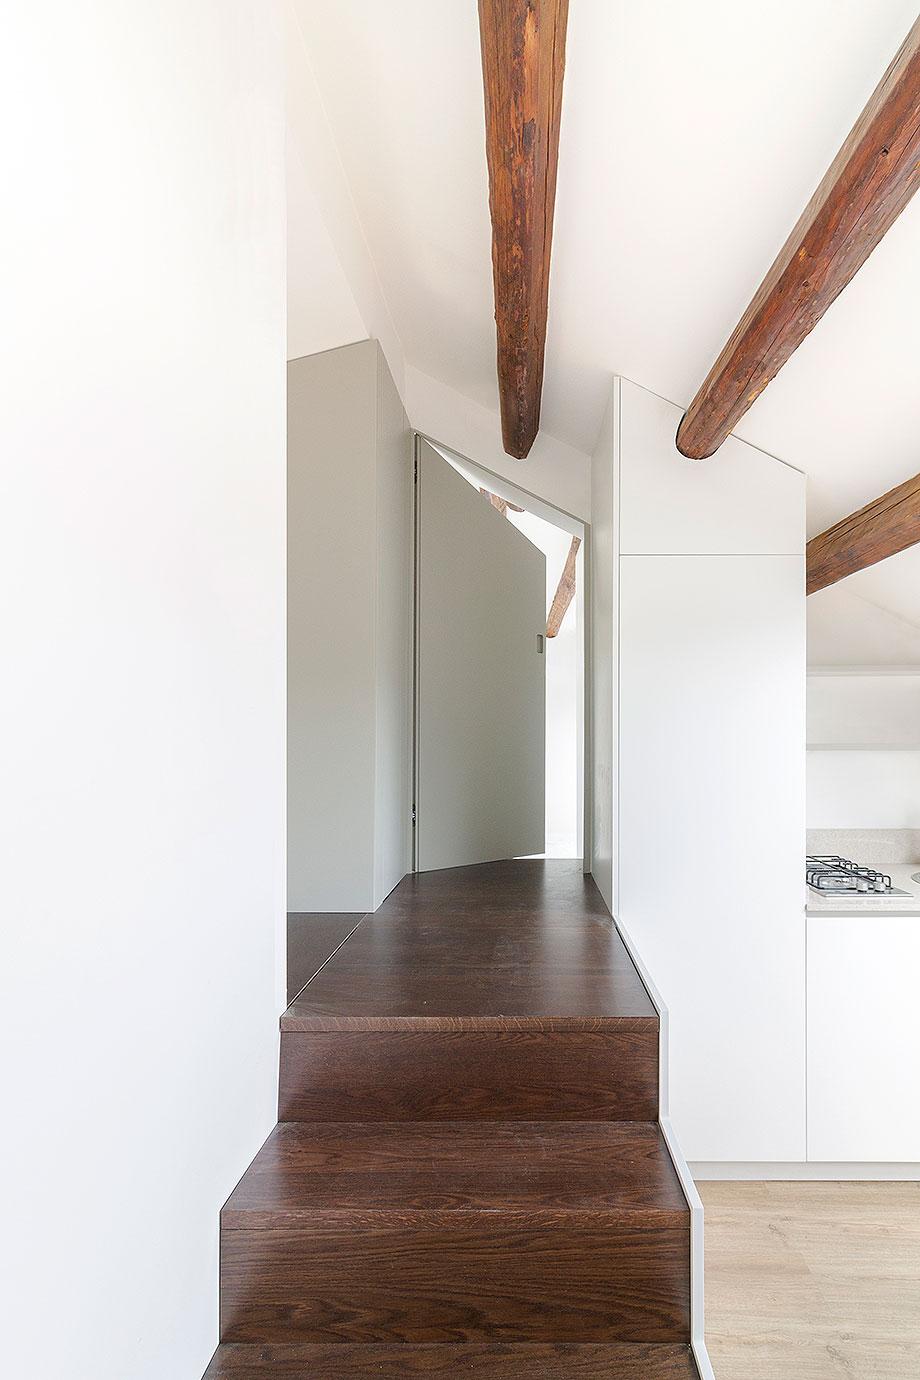 reforma de un ático en palermo por la leta architettura (3) - foto marco zanca